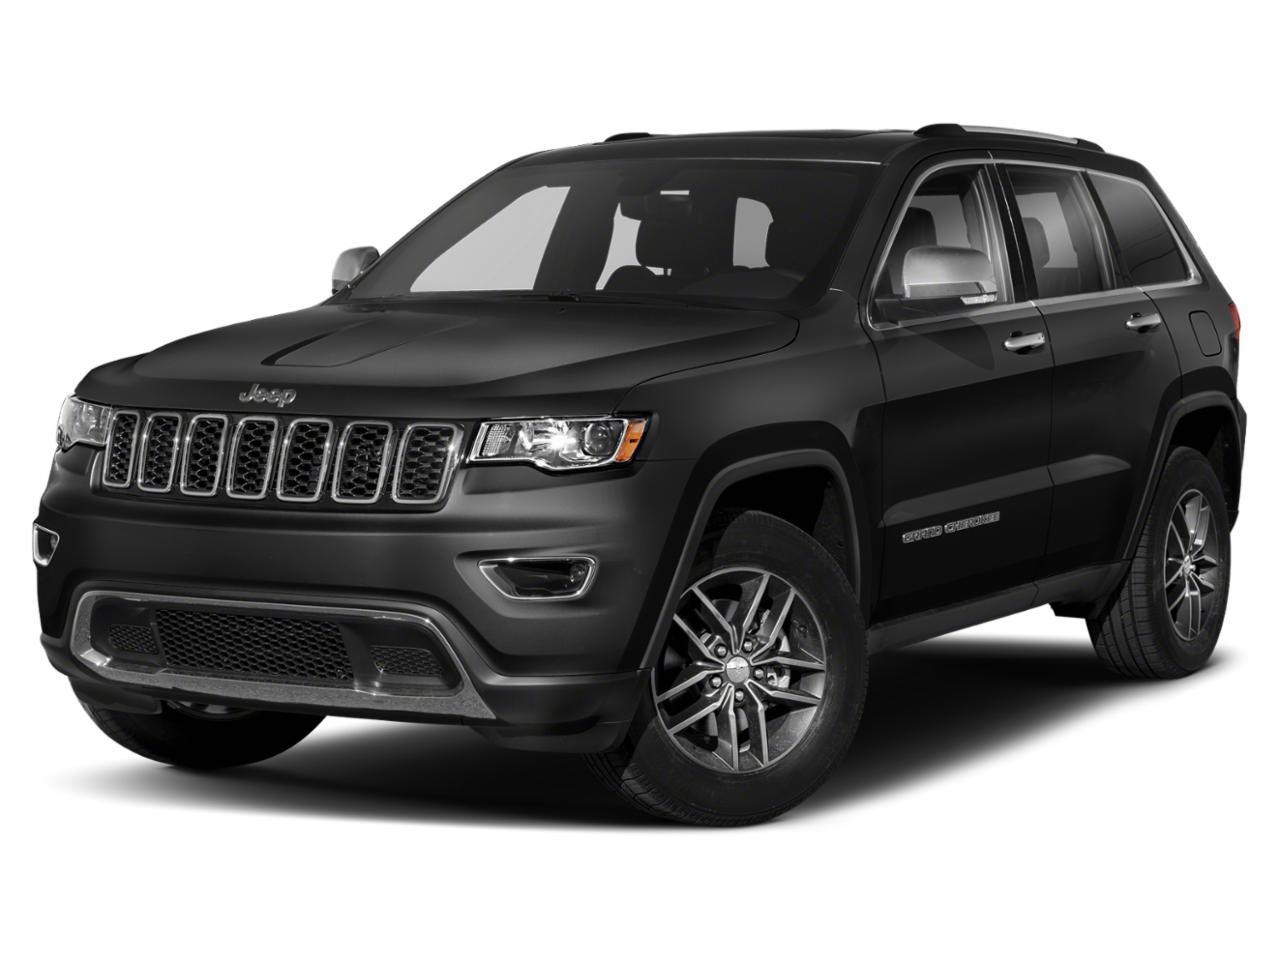 2019 Jeep Grand Cherokee Vehicle Photo in BATON ROUGE, LA 70806-4030